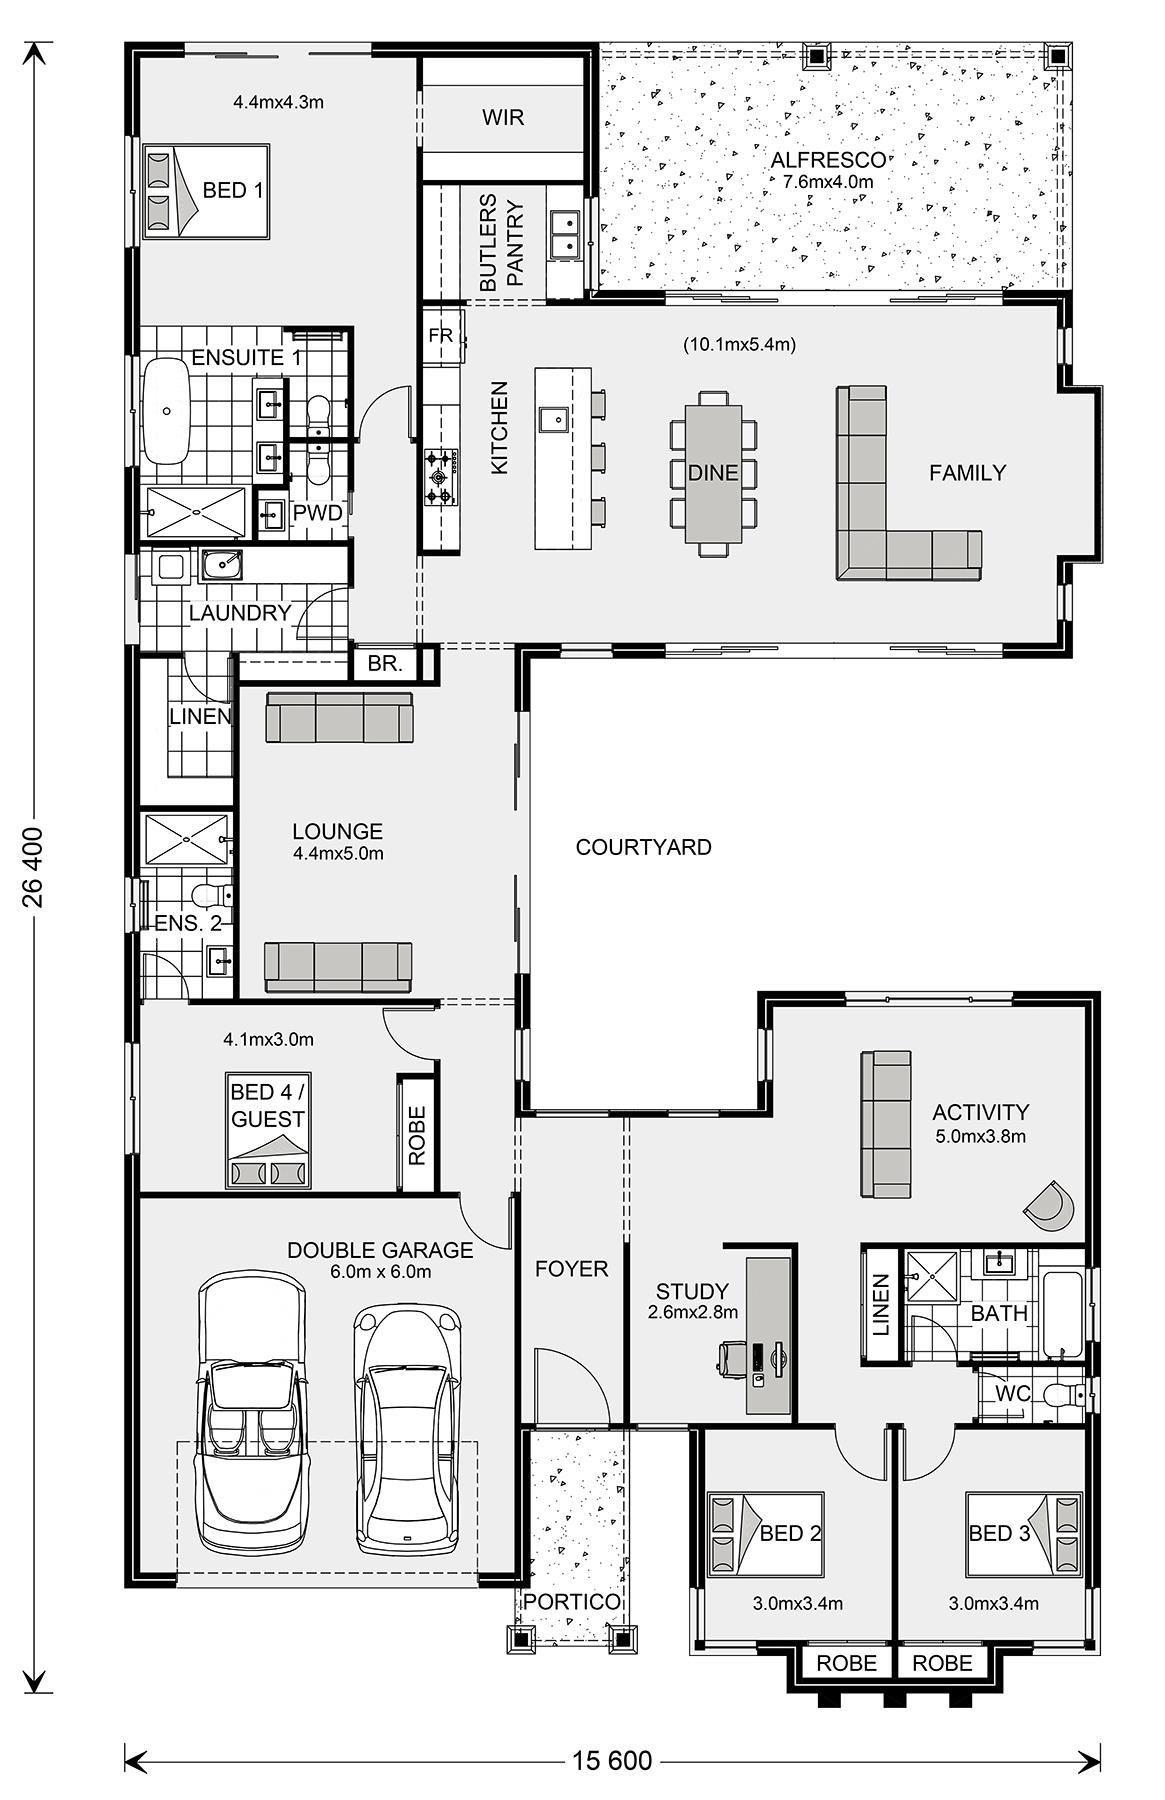 Floor Plan Mandalay 335 Element Series Schlafzimmer Wohnideen Dekoration Hausdekor Einr Bungalow Floor Plans Home Design Floor Plans Floor Plan Design